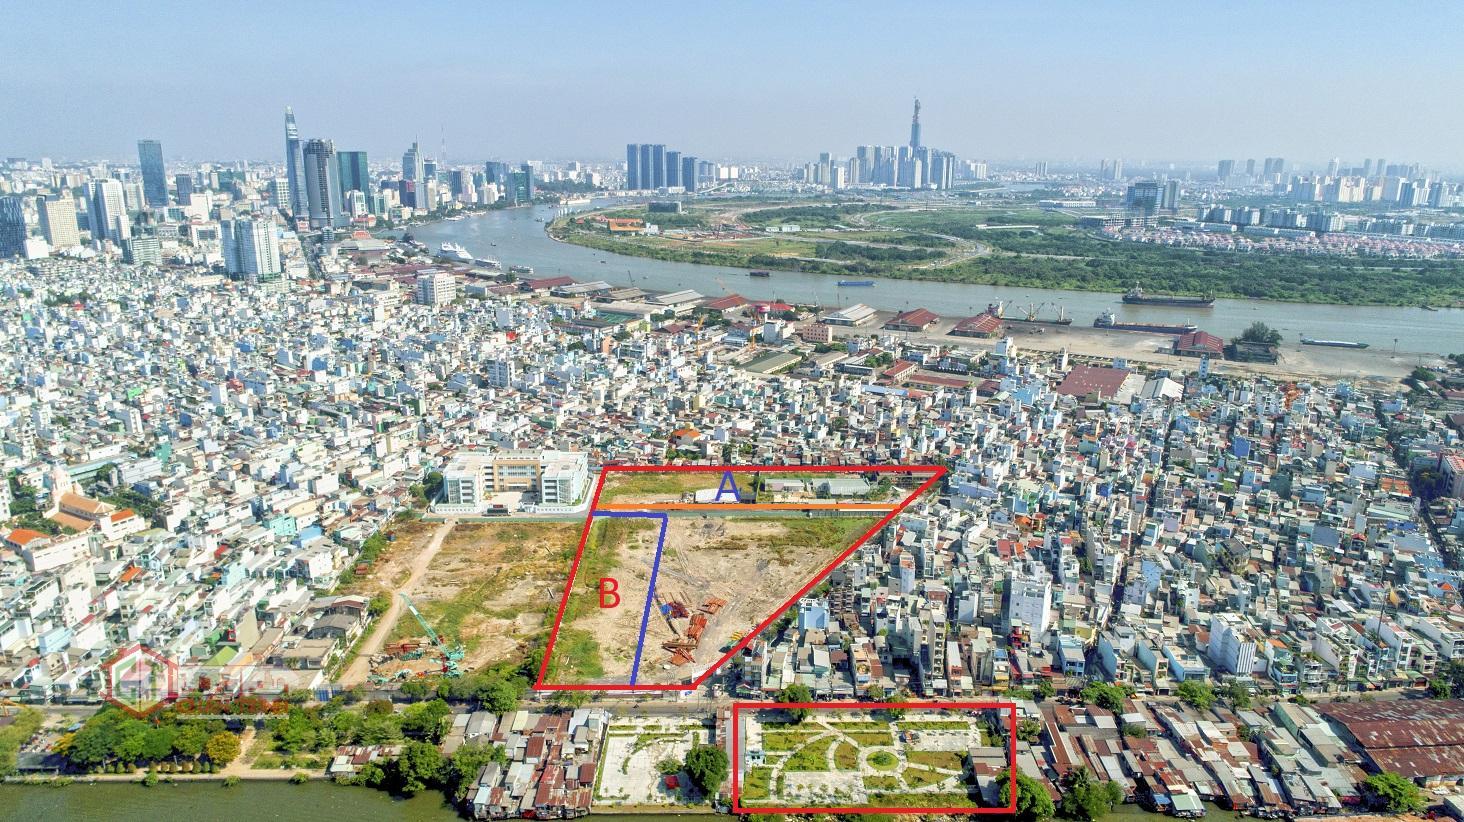 Vị trí dự án 76 Tôn Thất Thuyết, Phường 16, Quận 4 TP HCM